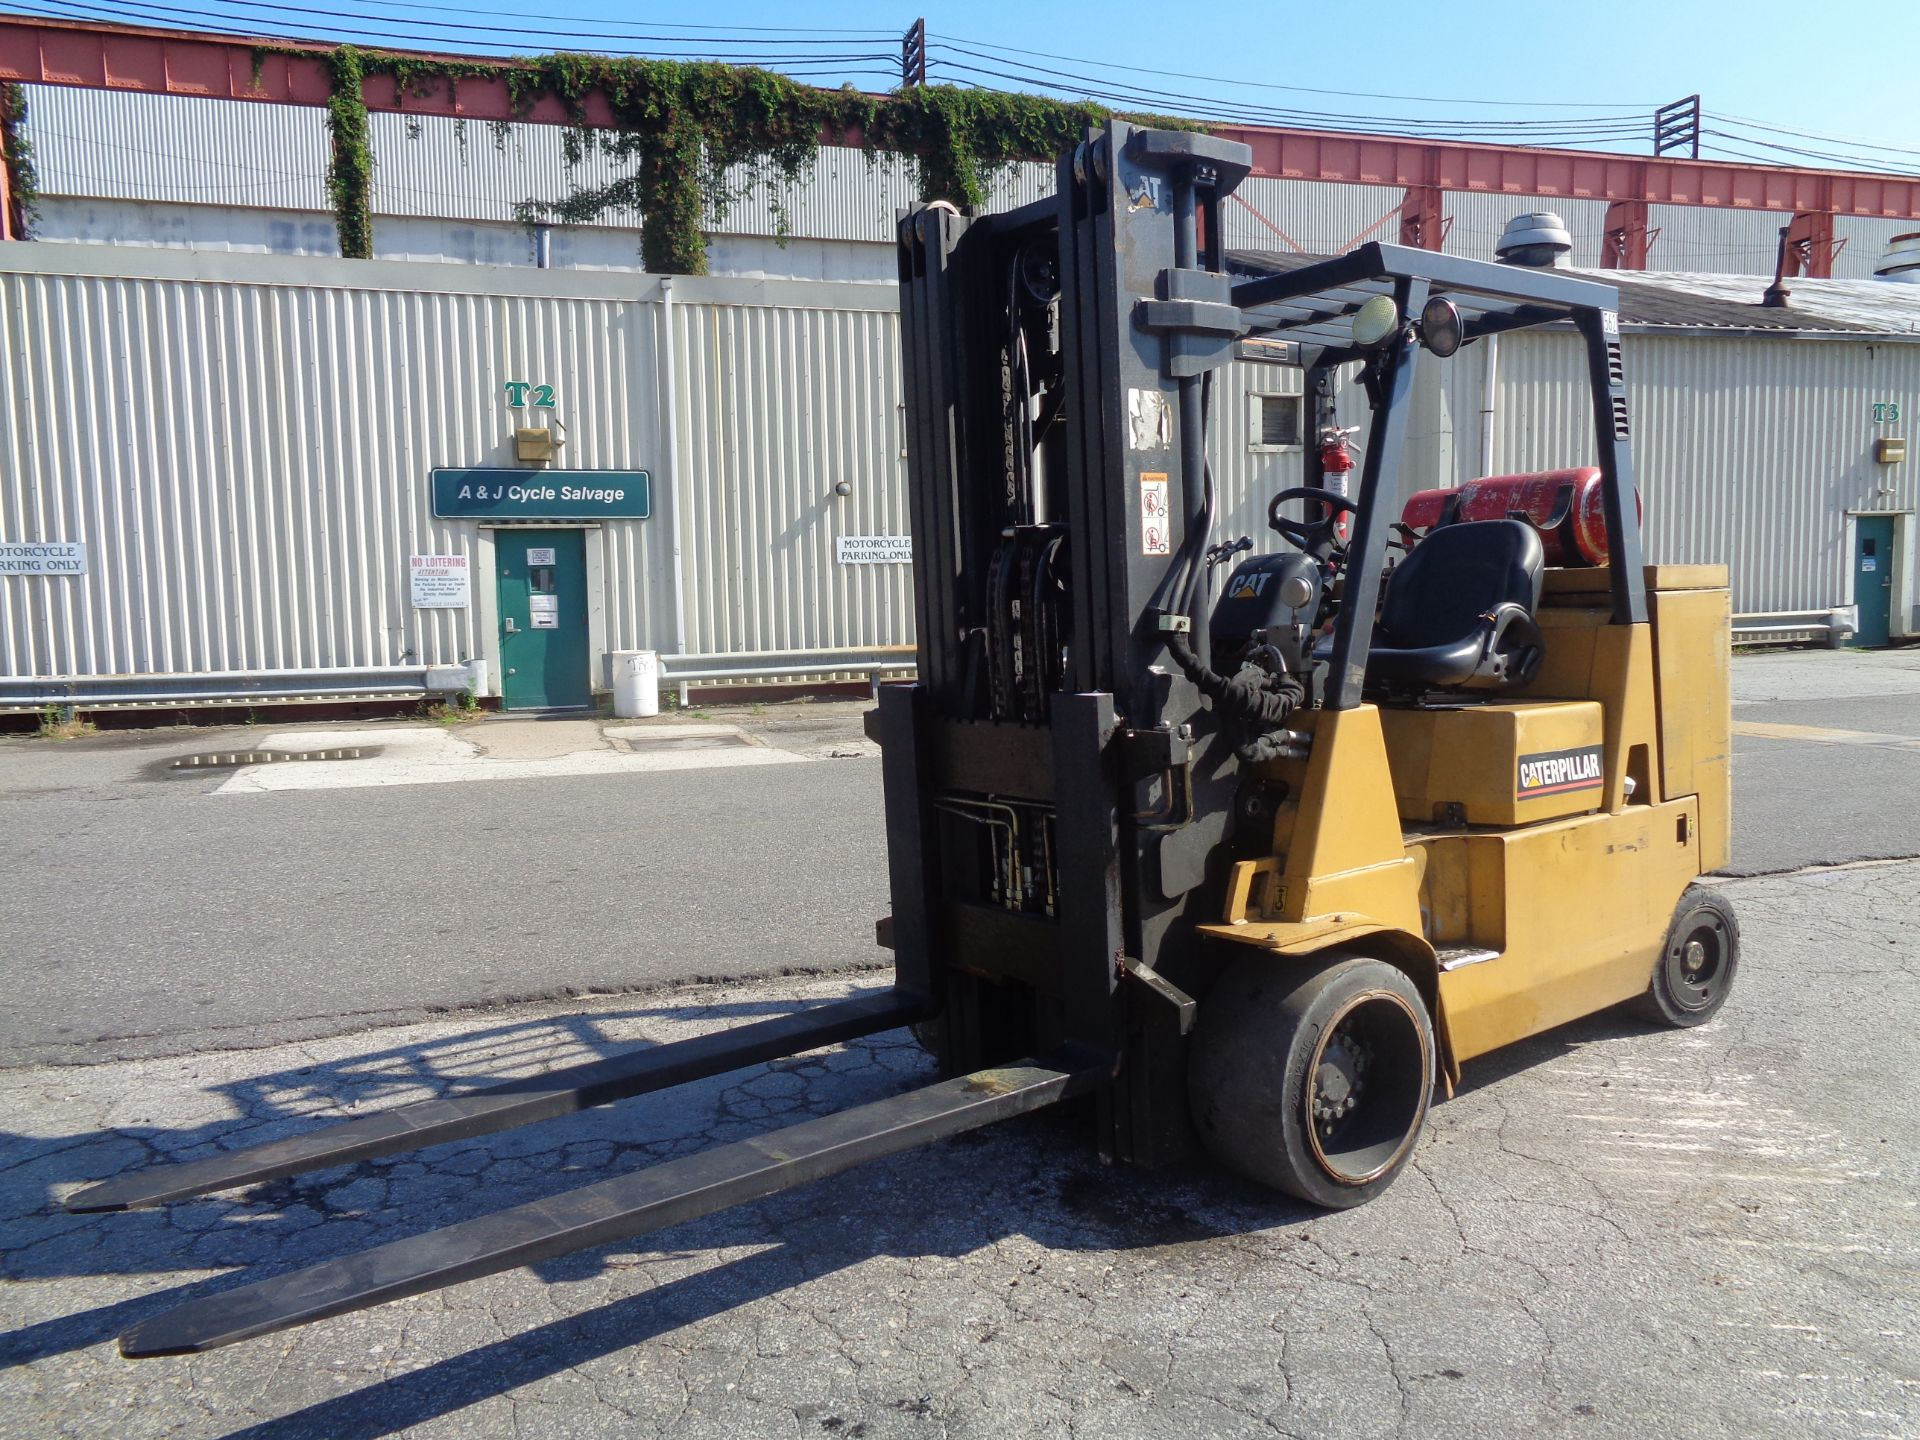 Caterpillar GC55KSTR 11,000lb Forklift - Image 2 of 14